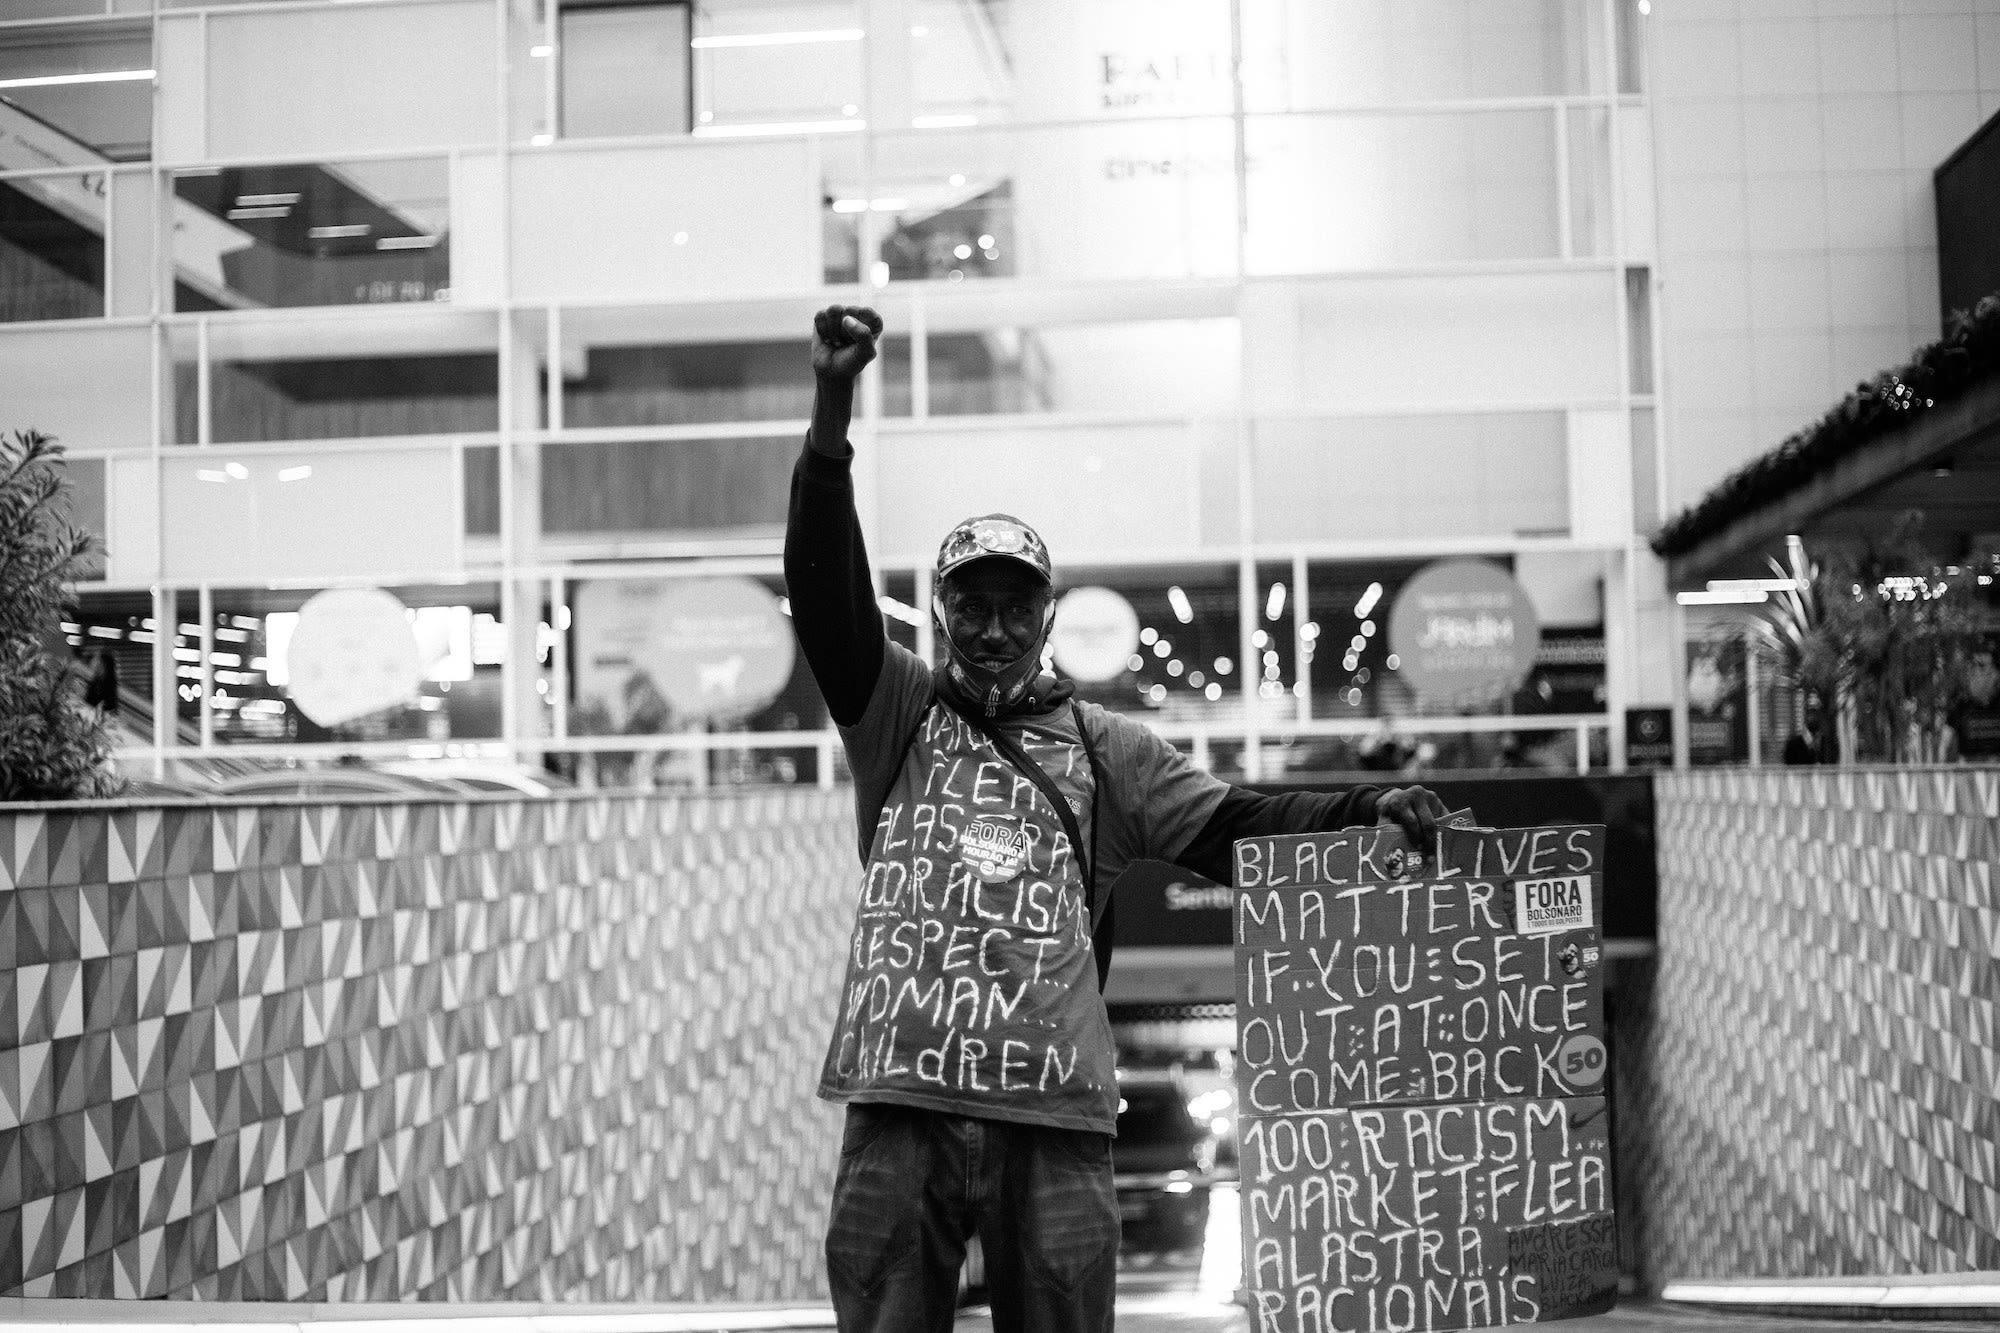 Homem com punho erguido usa moletom com palavras diversas: black lives matter, if you set out at once come back, 100 rascismo, market flea, alastra, racionais, respect woman & children.